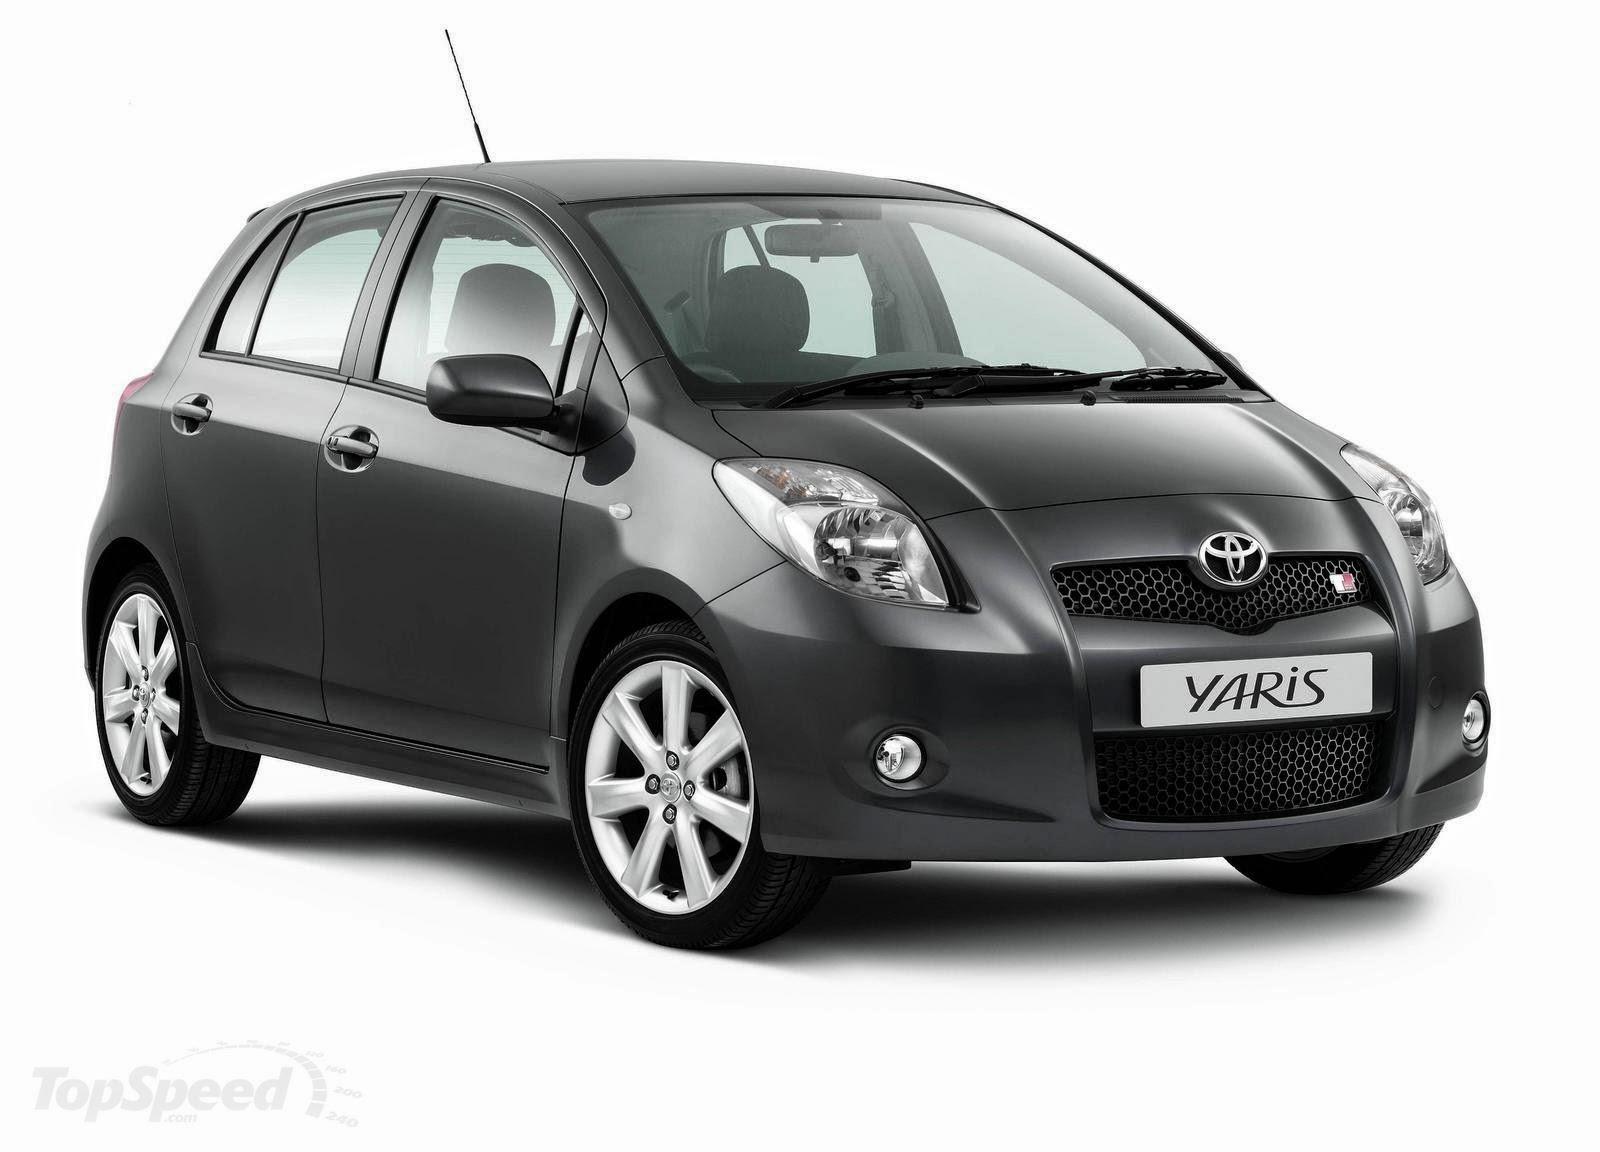 Harga Toyota Yaris Trd Matic Price Terbaru 2014